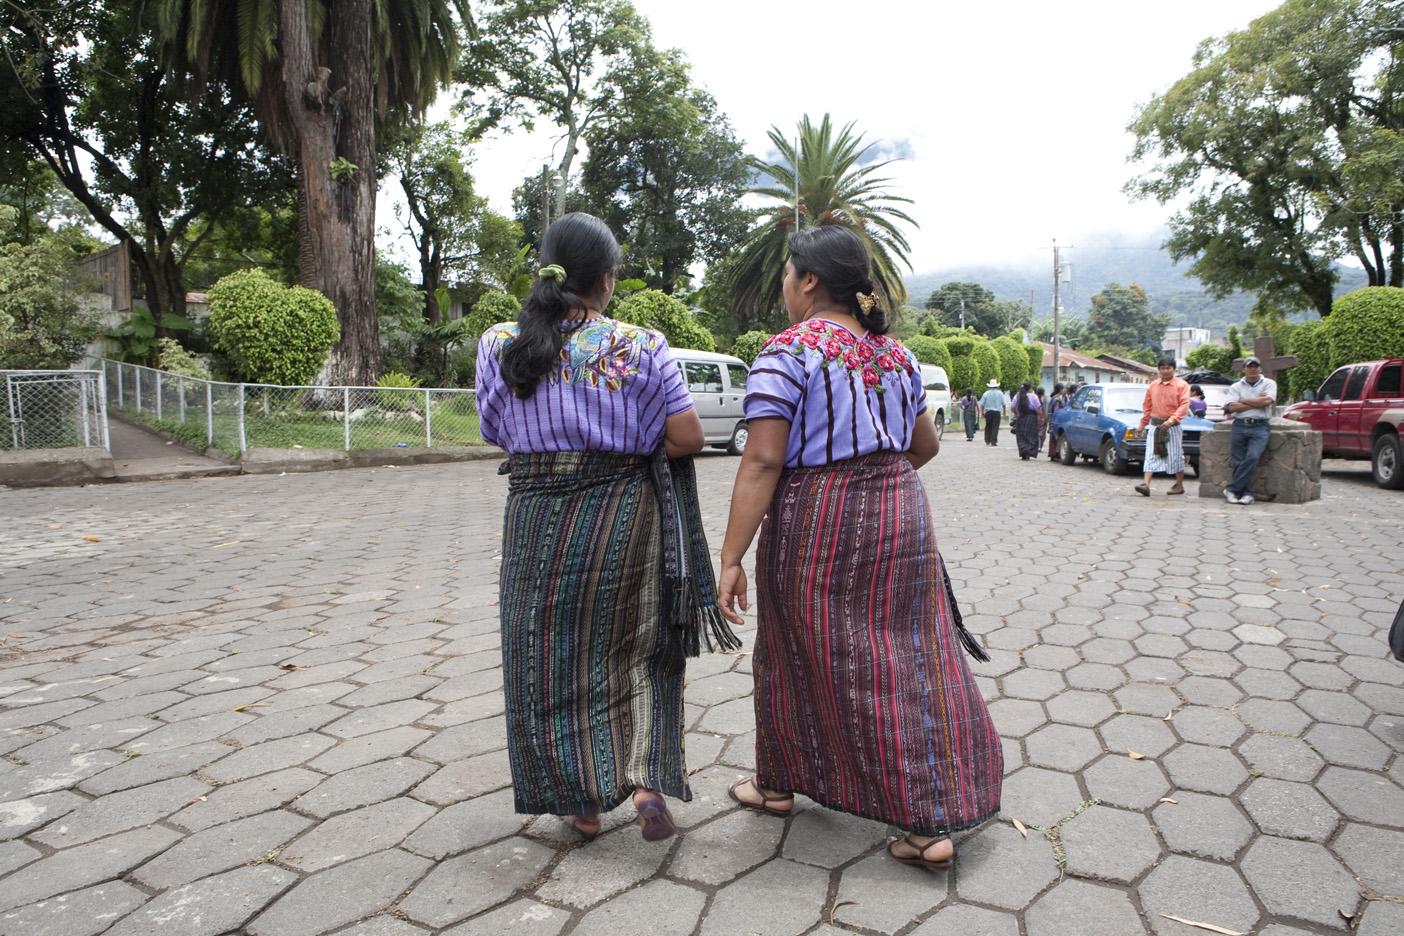 12-03-05-06_Guate-Santiago-03-144